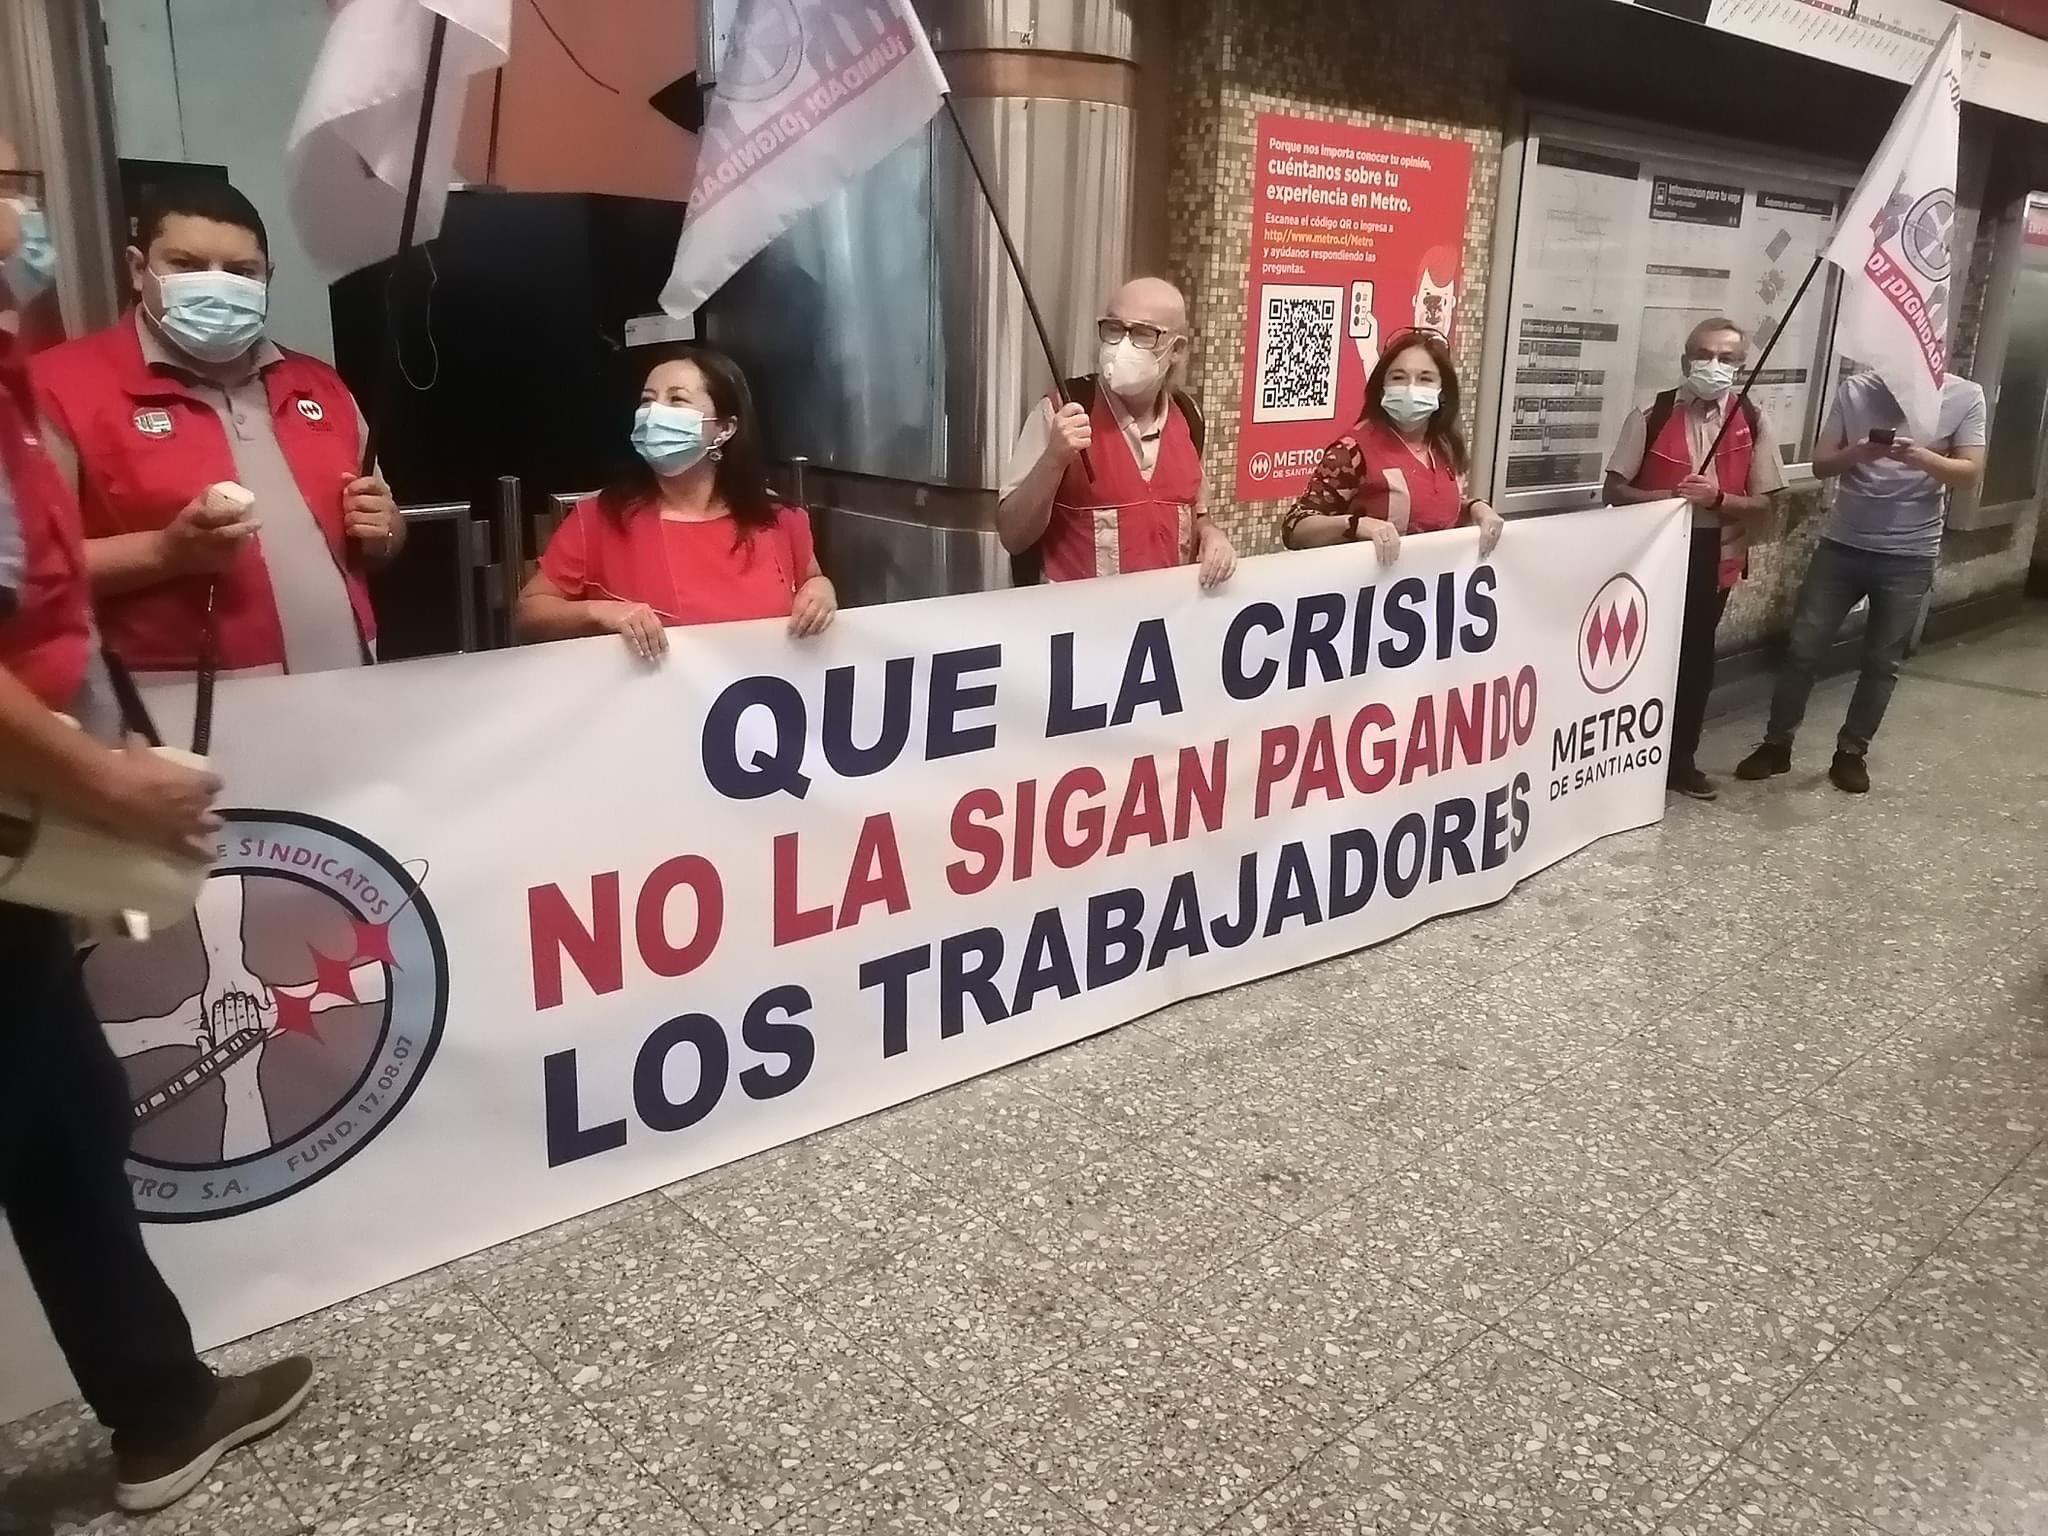 crisis metro